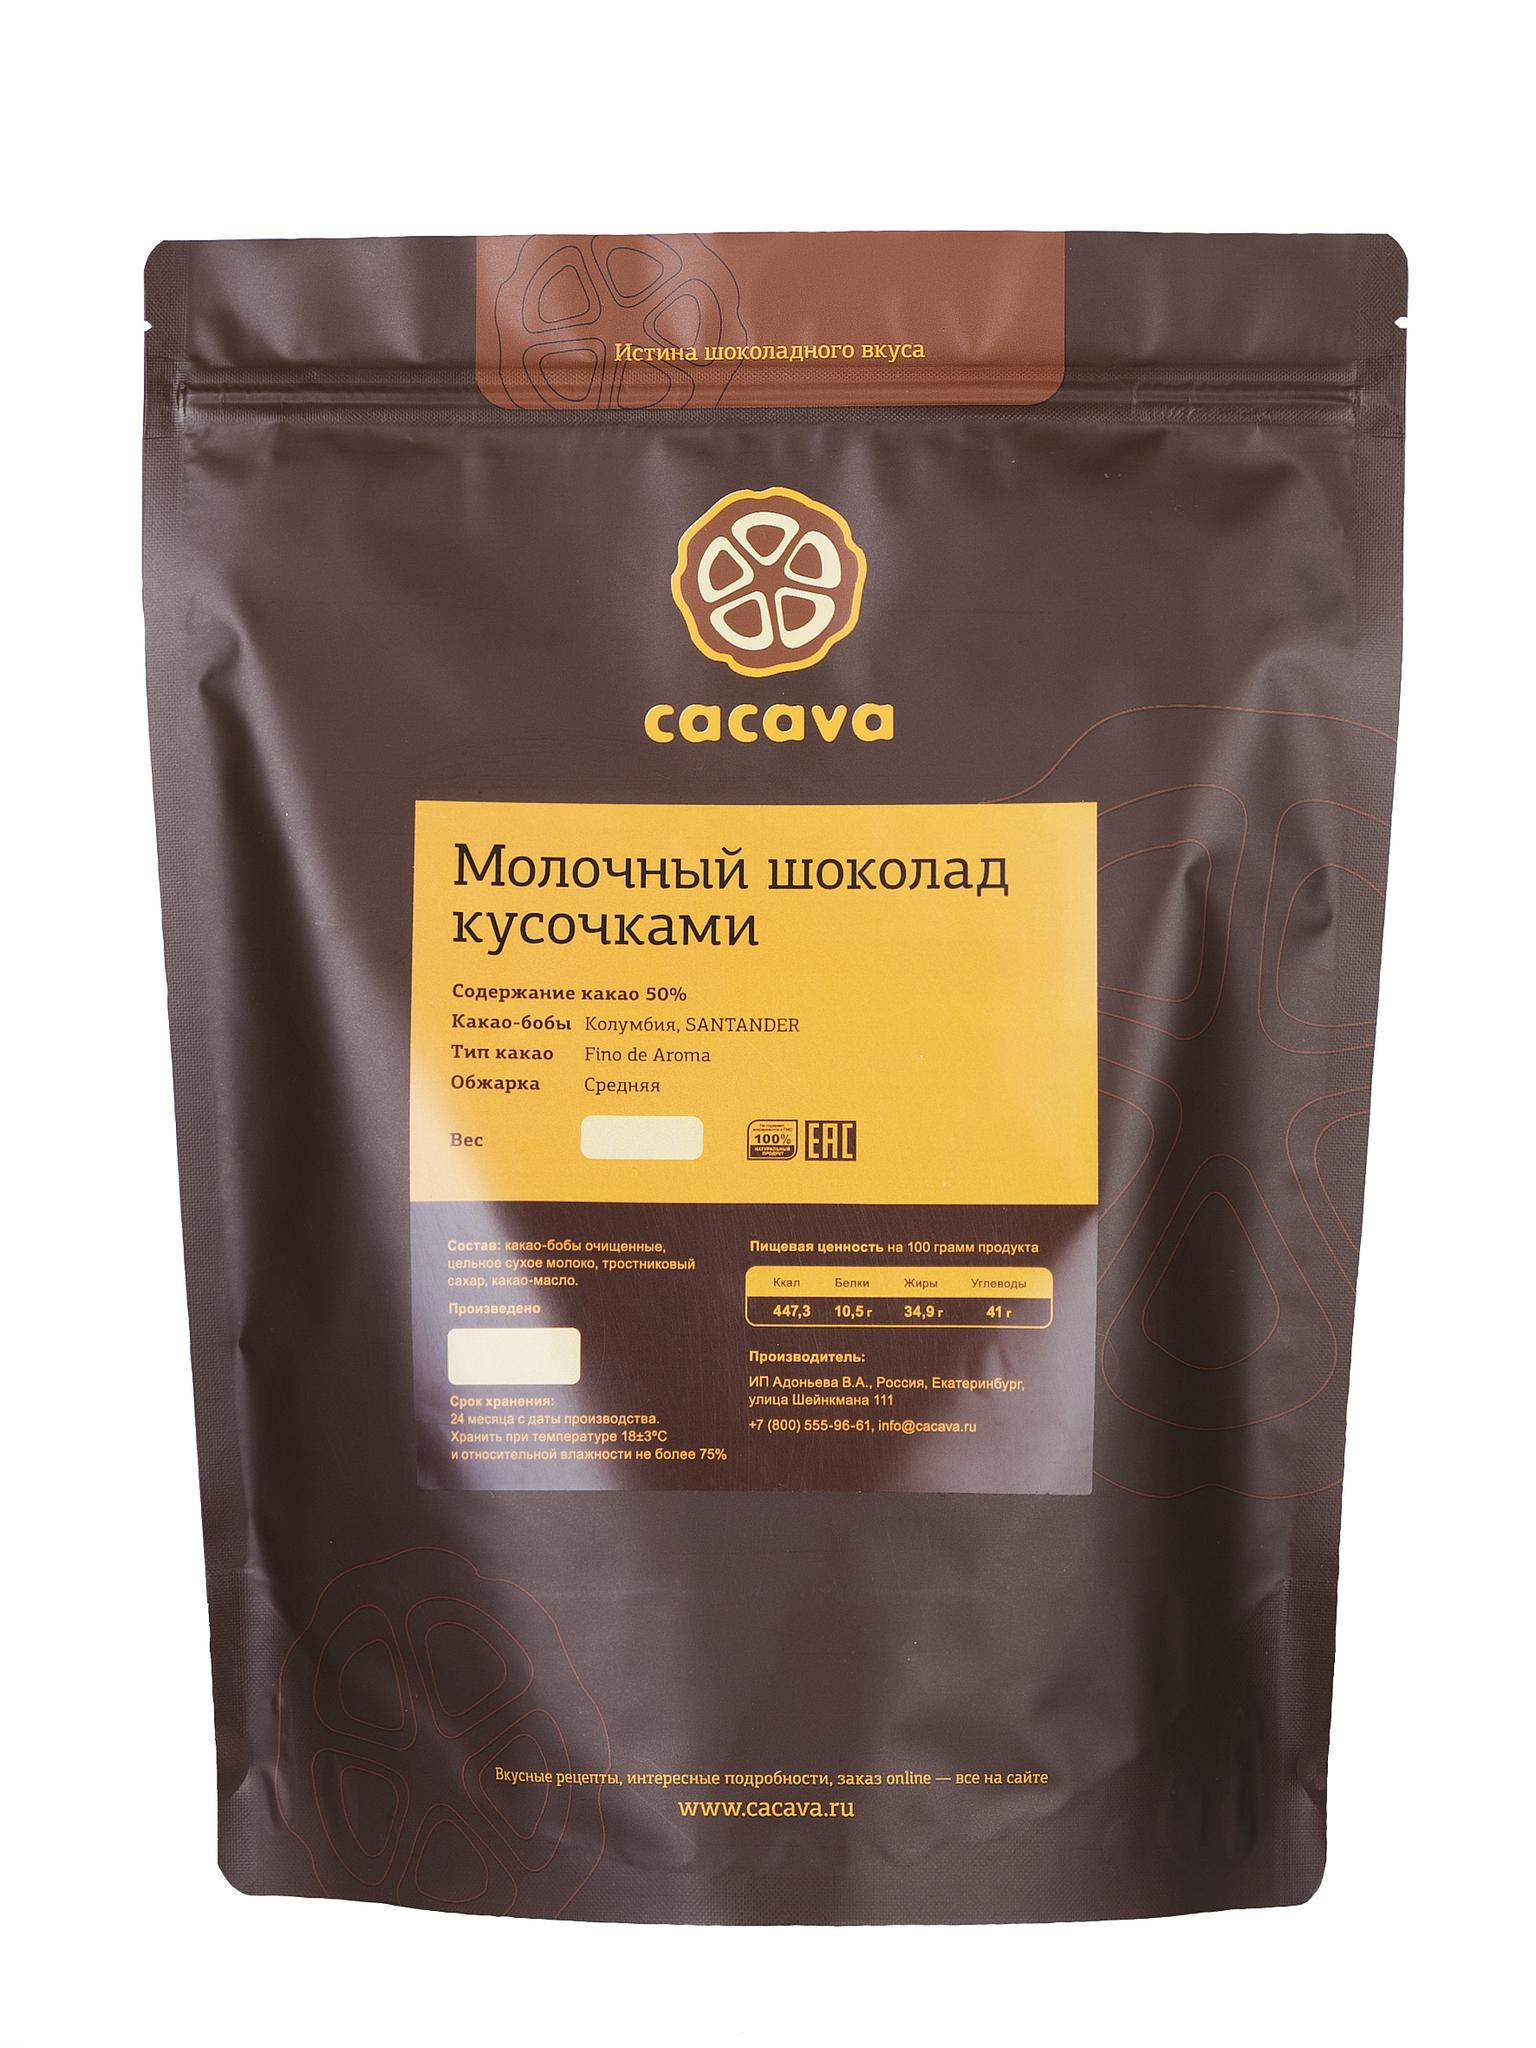 Молочный шоколад 50 % какао (Колумбия), упаковка  1 и 3 кг